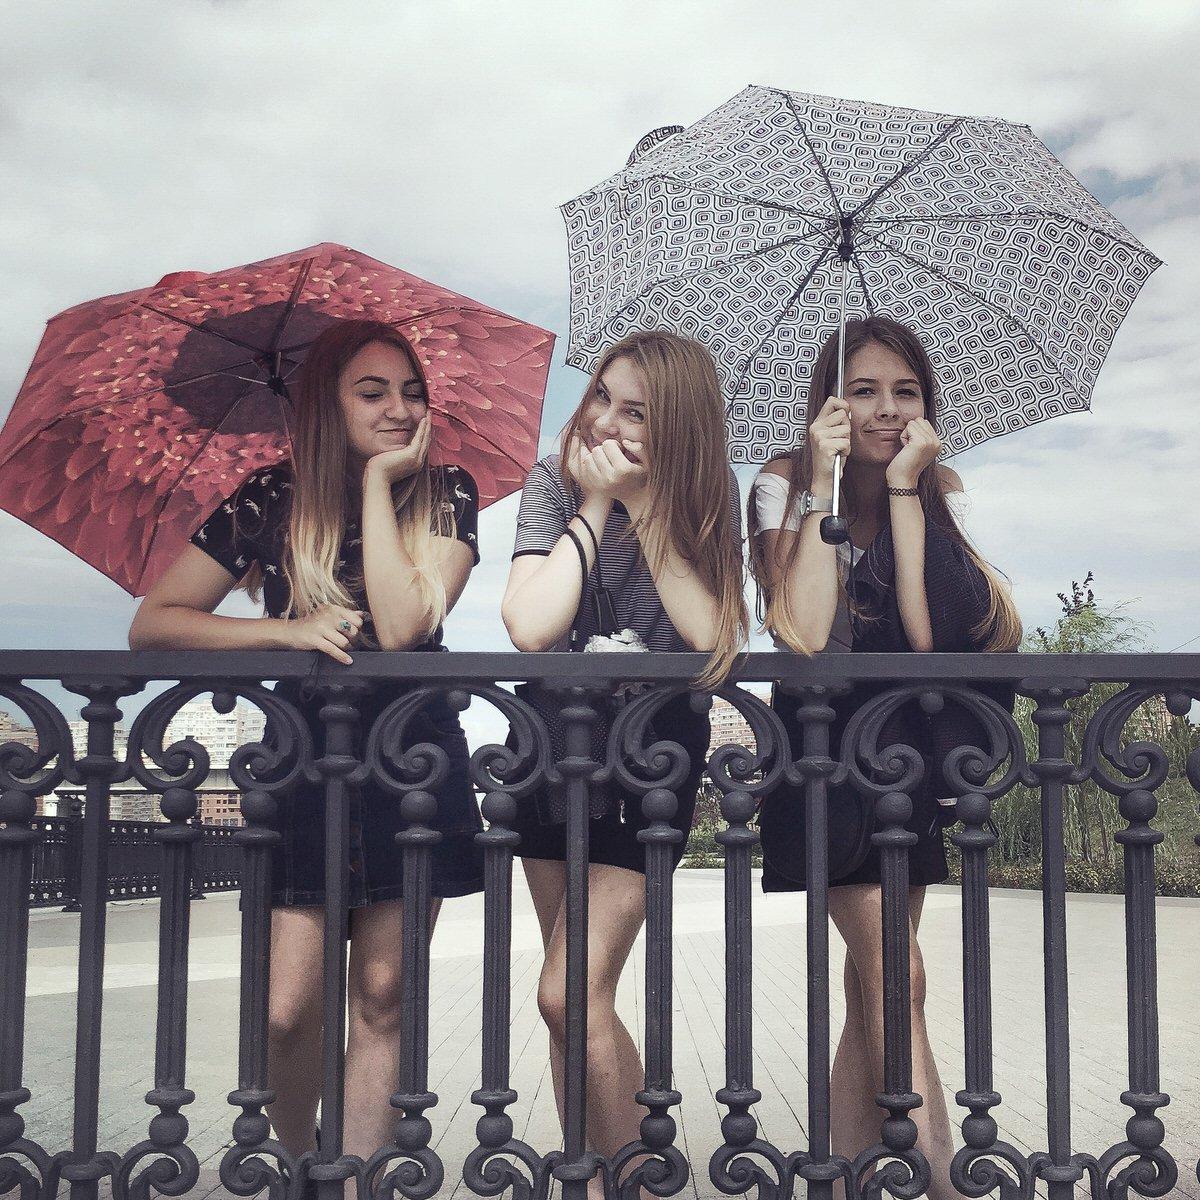 Girls in the summertime in Krasnodar by Dmitry Markov.